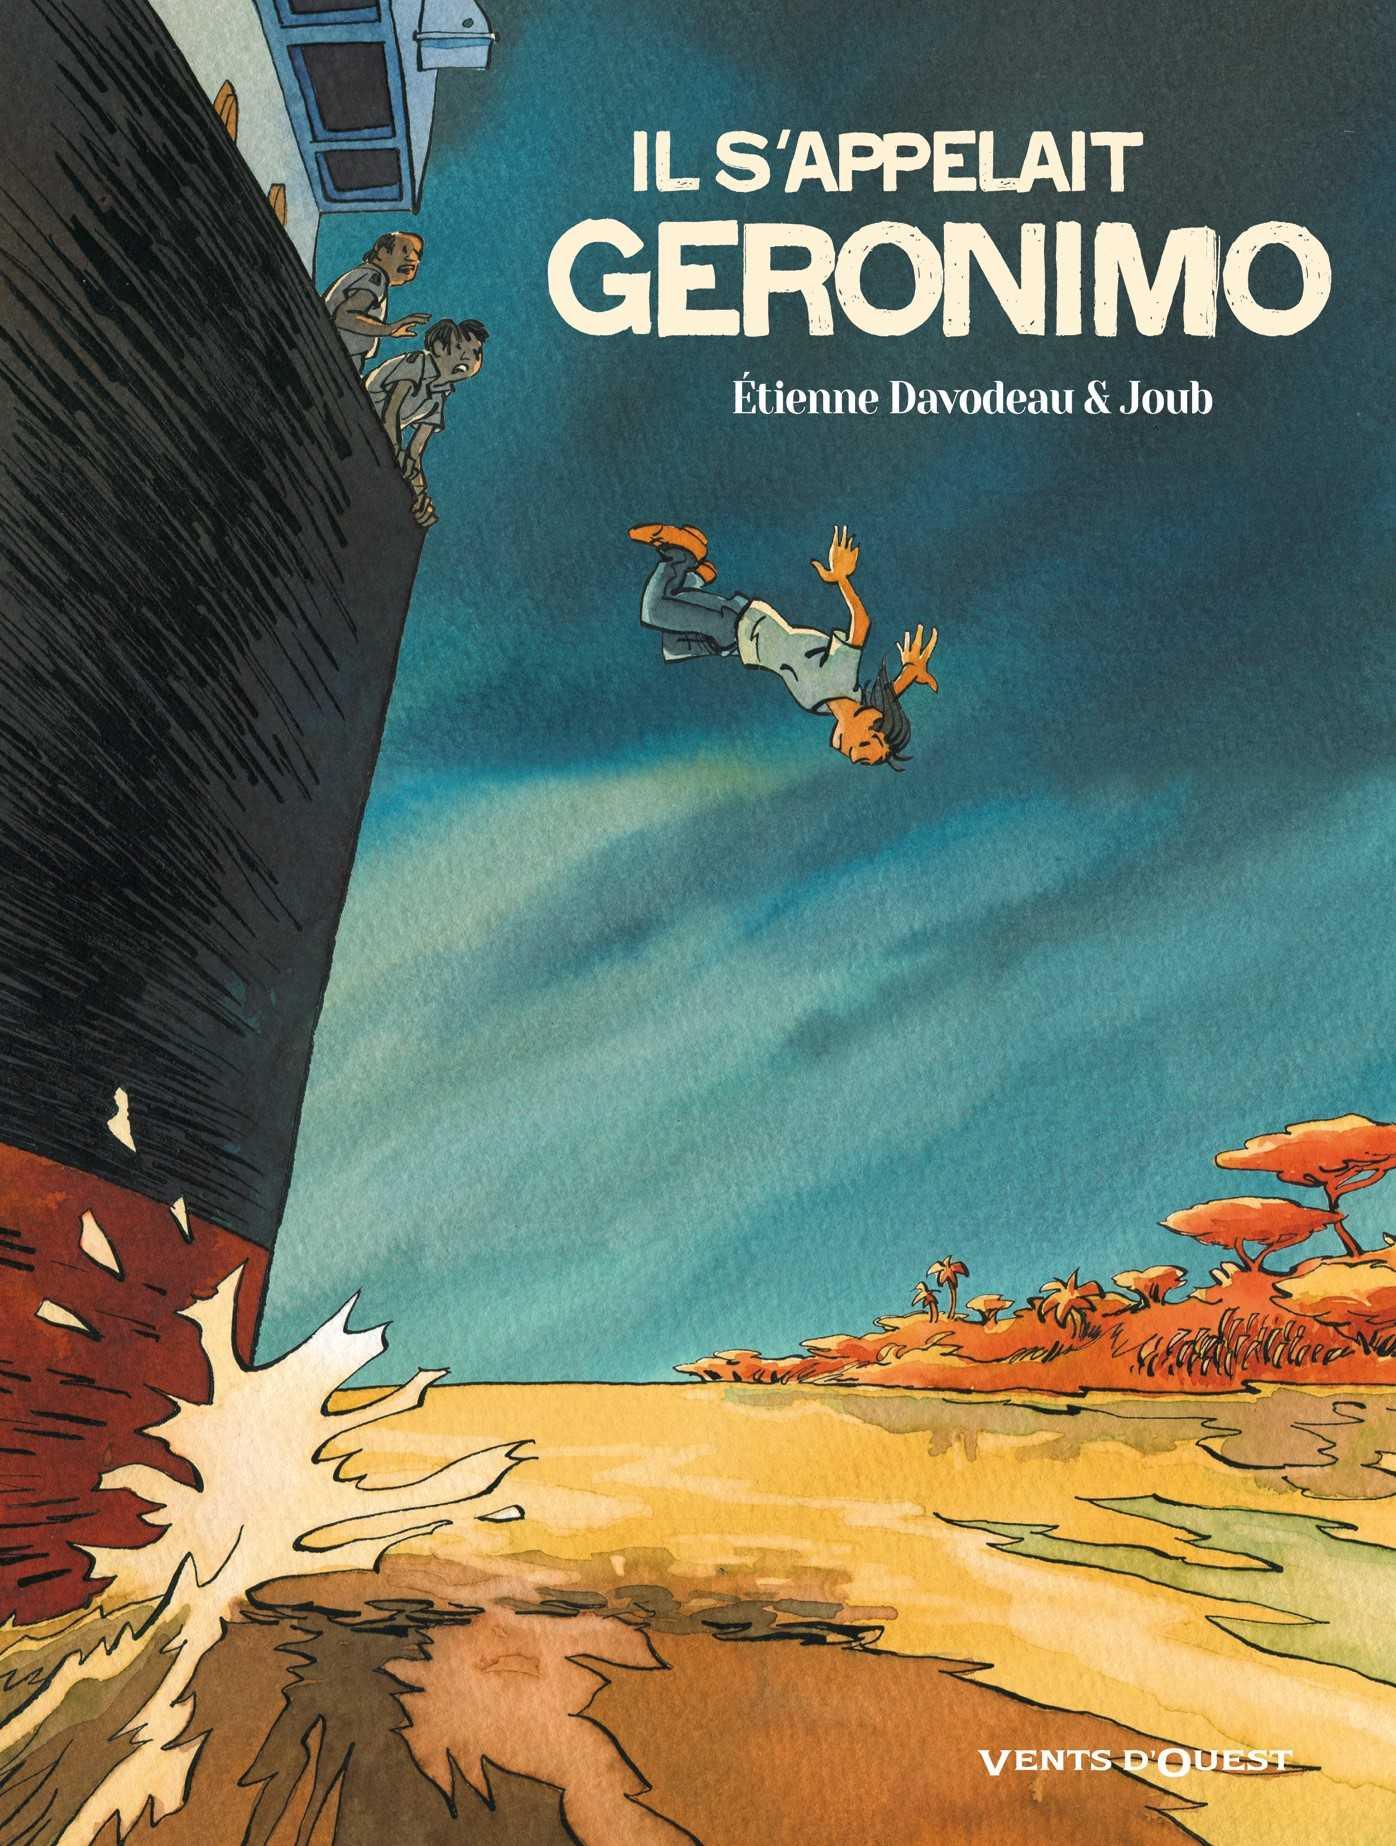 Il s'appelait Geronimo, nouvelle vie usurpée